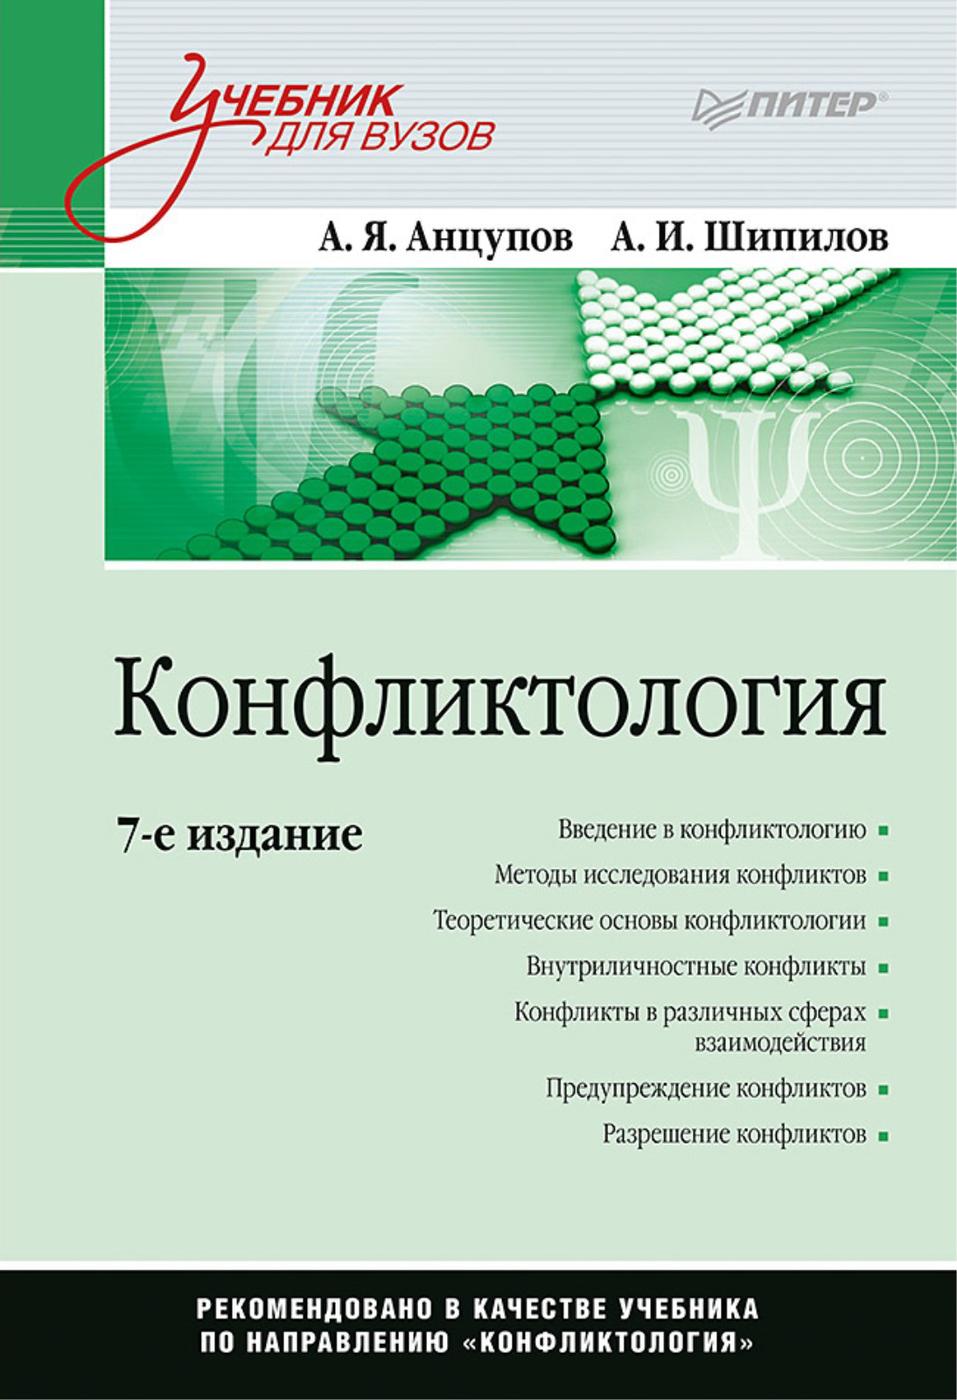 Конфликтология | Анцупов Анатолий Яковлевич, Шипилов Анатолий Иванович